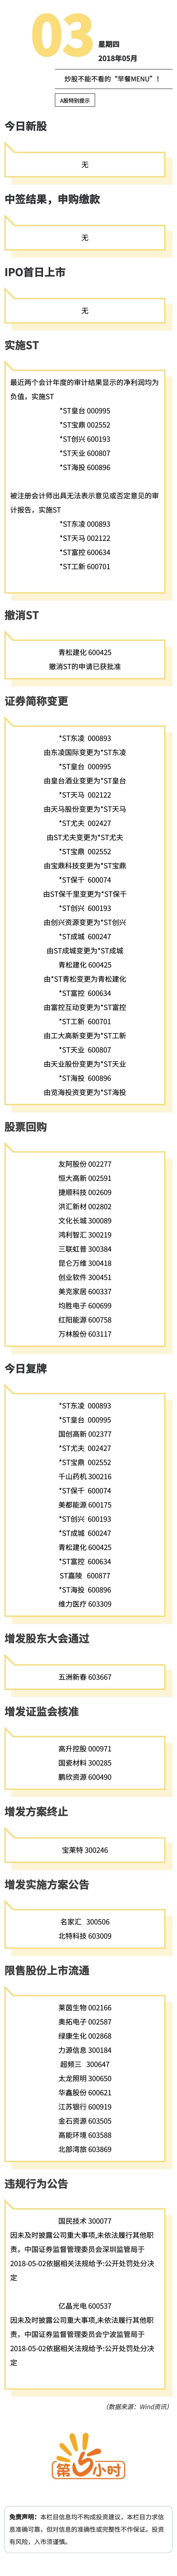 A股特别提示(2018-05-03).jpg